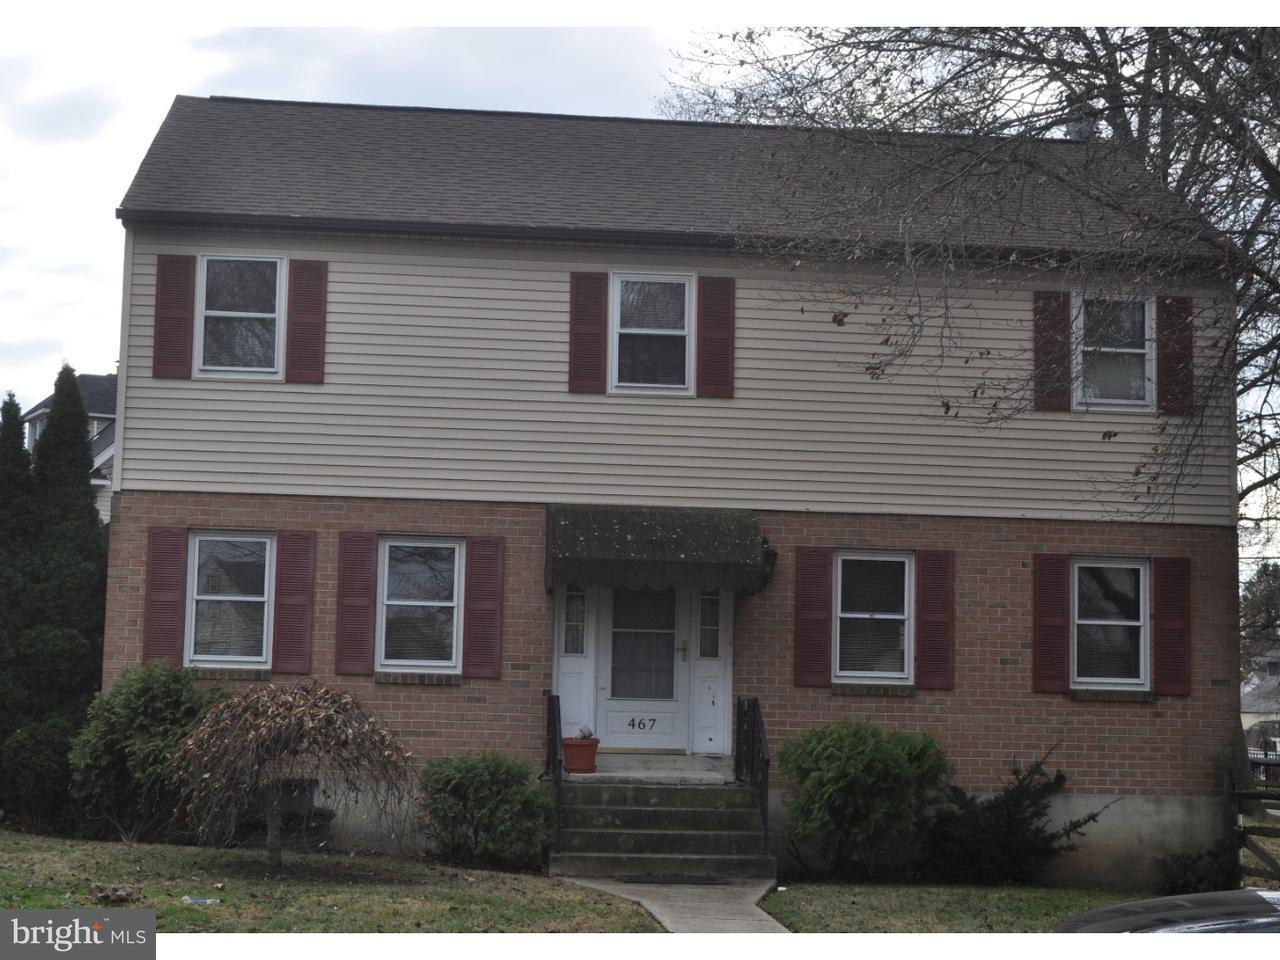 467  Burmont Drexel Hill , PA 19026